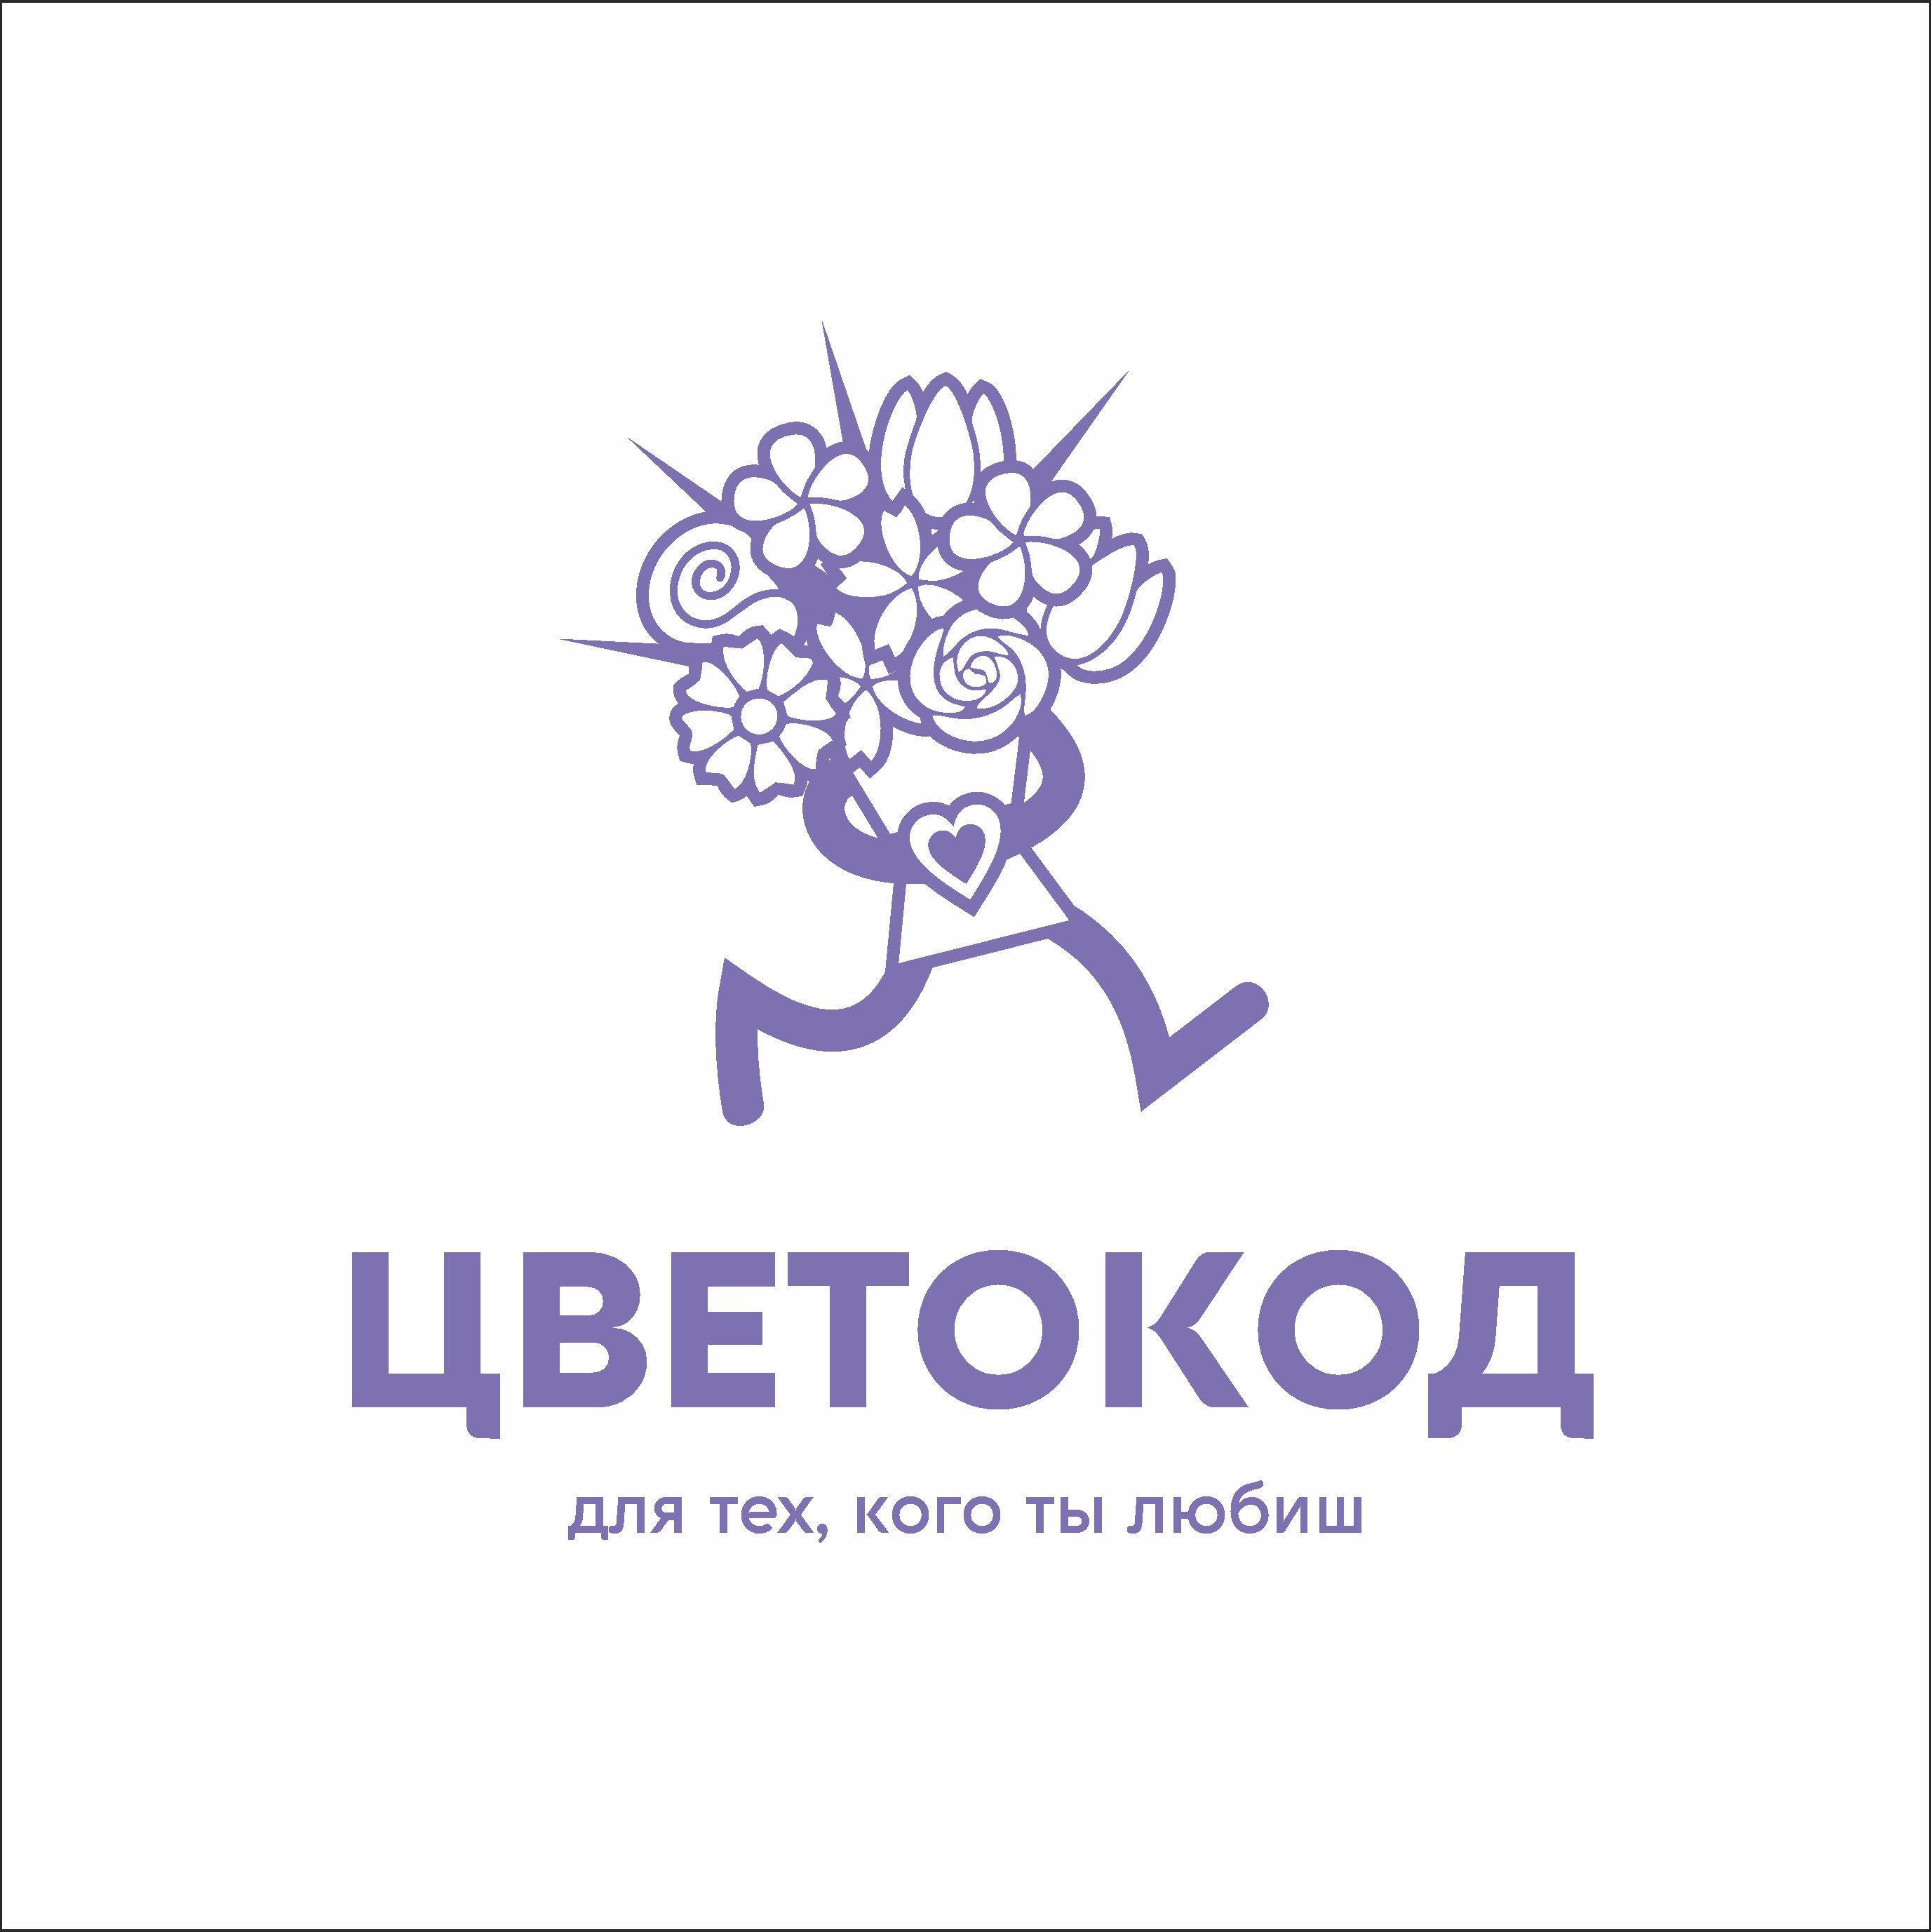 Логотип для ЦВЕТОКОД  фото f_5155d067d8ae7e05.jpg